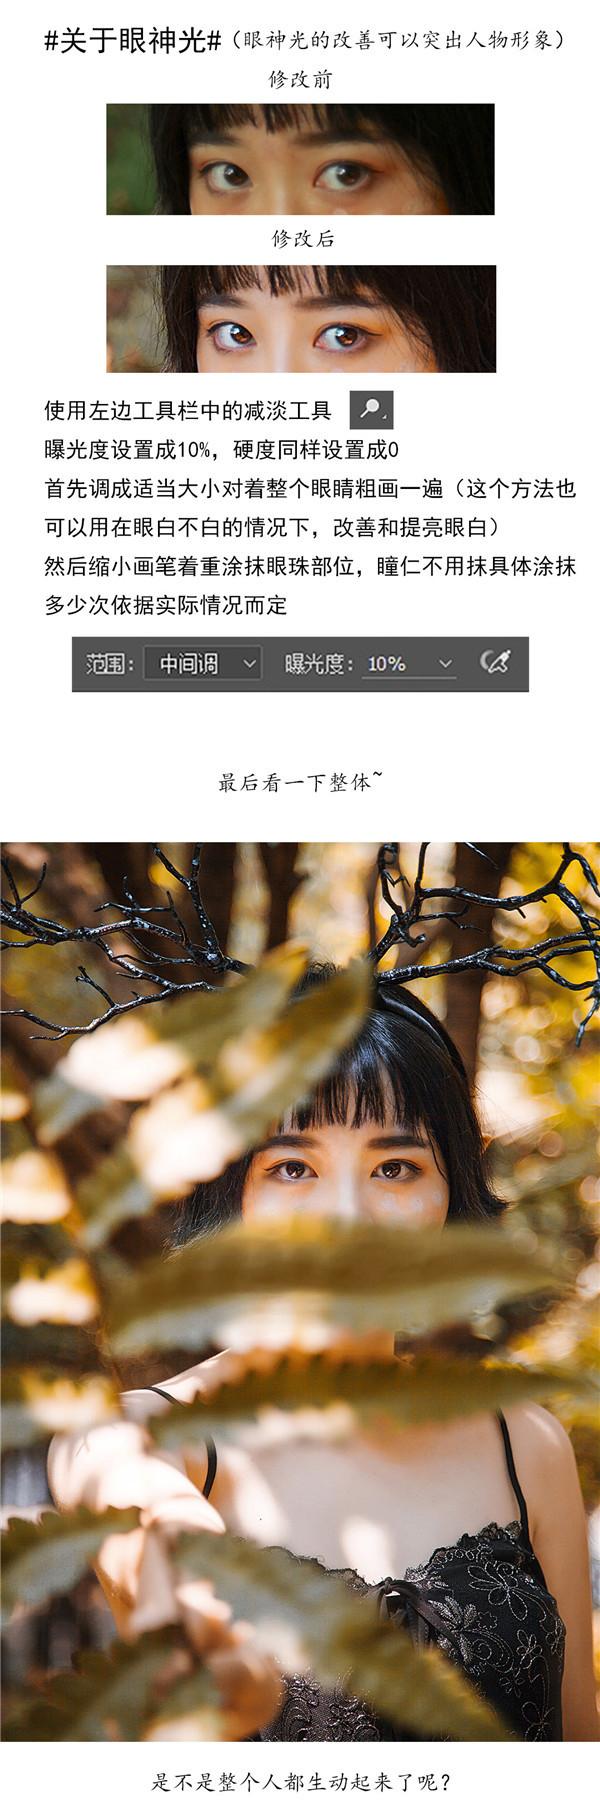 思缘论坛 powered discuz by board/[PS调色] Photoshop调出森林外景人像秋季金黄色效果